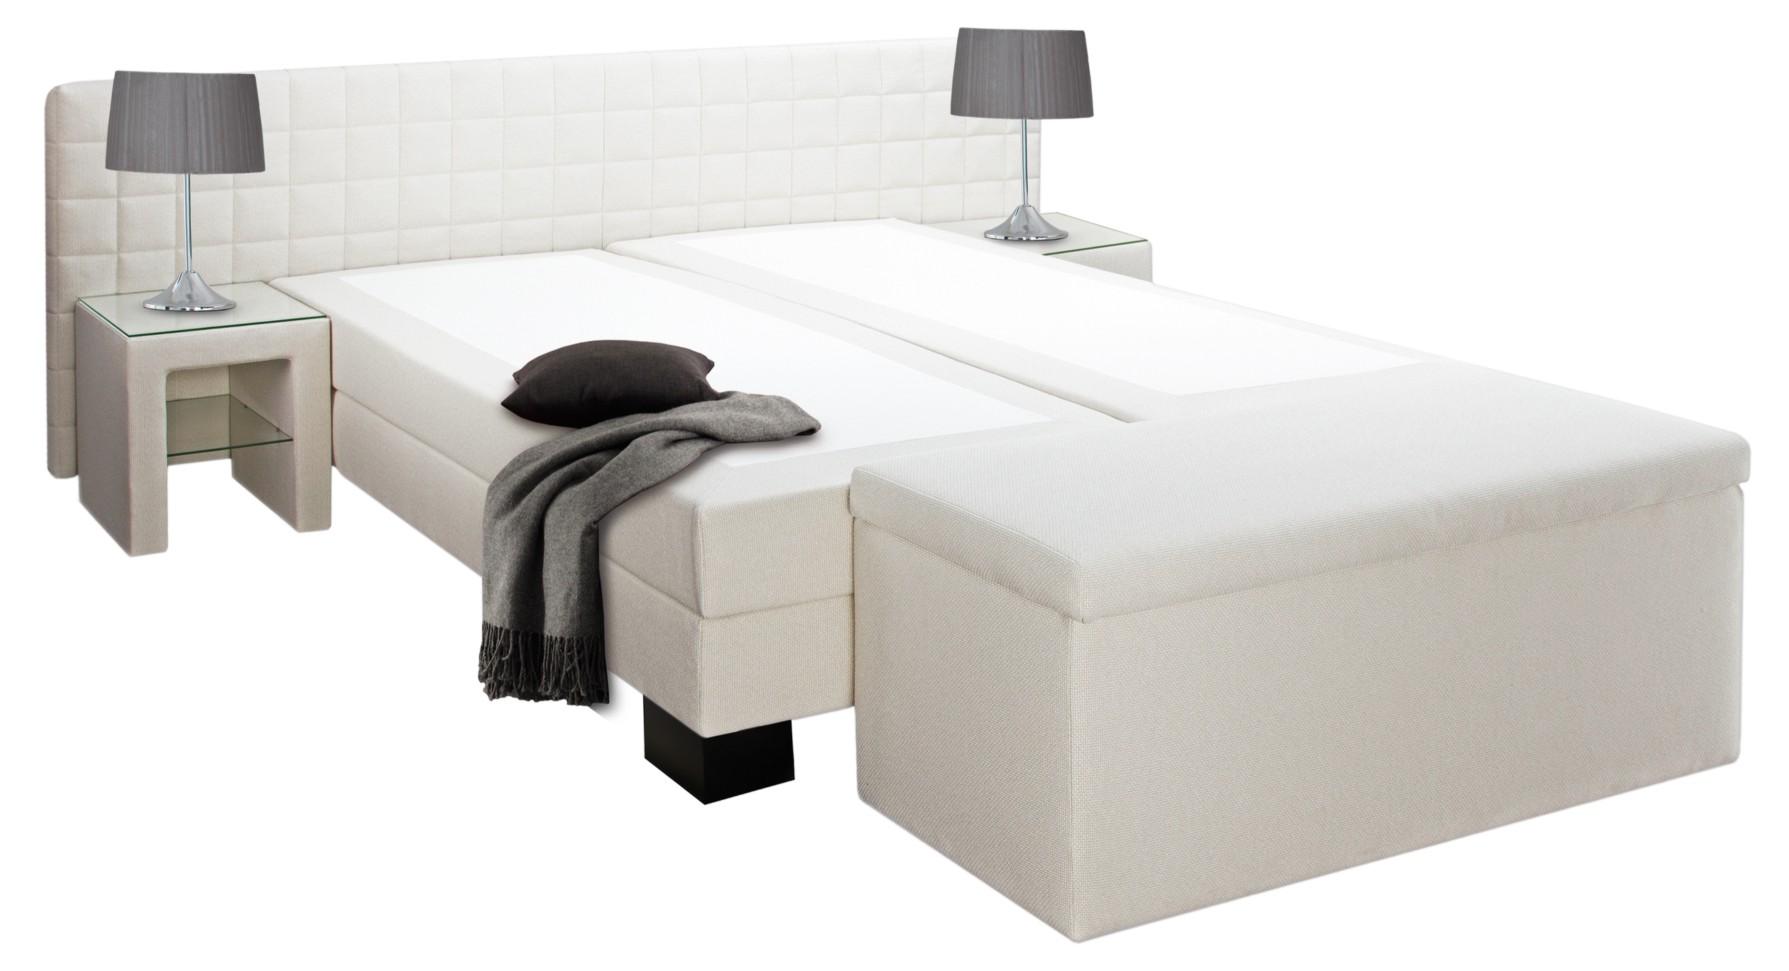 bettenstefan boxspringbetten in schw b gm nd. Black Bedroom Furniture Sets. Home Design Ideas